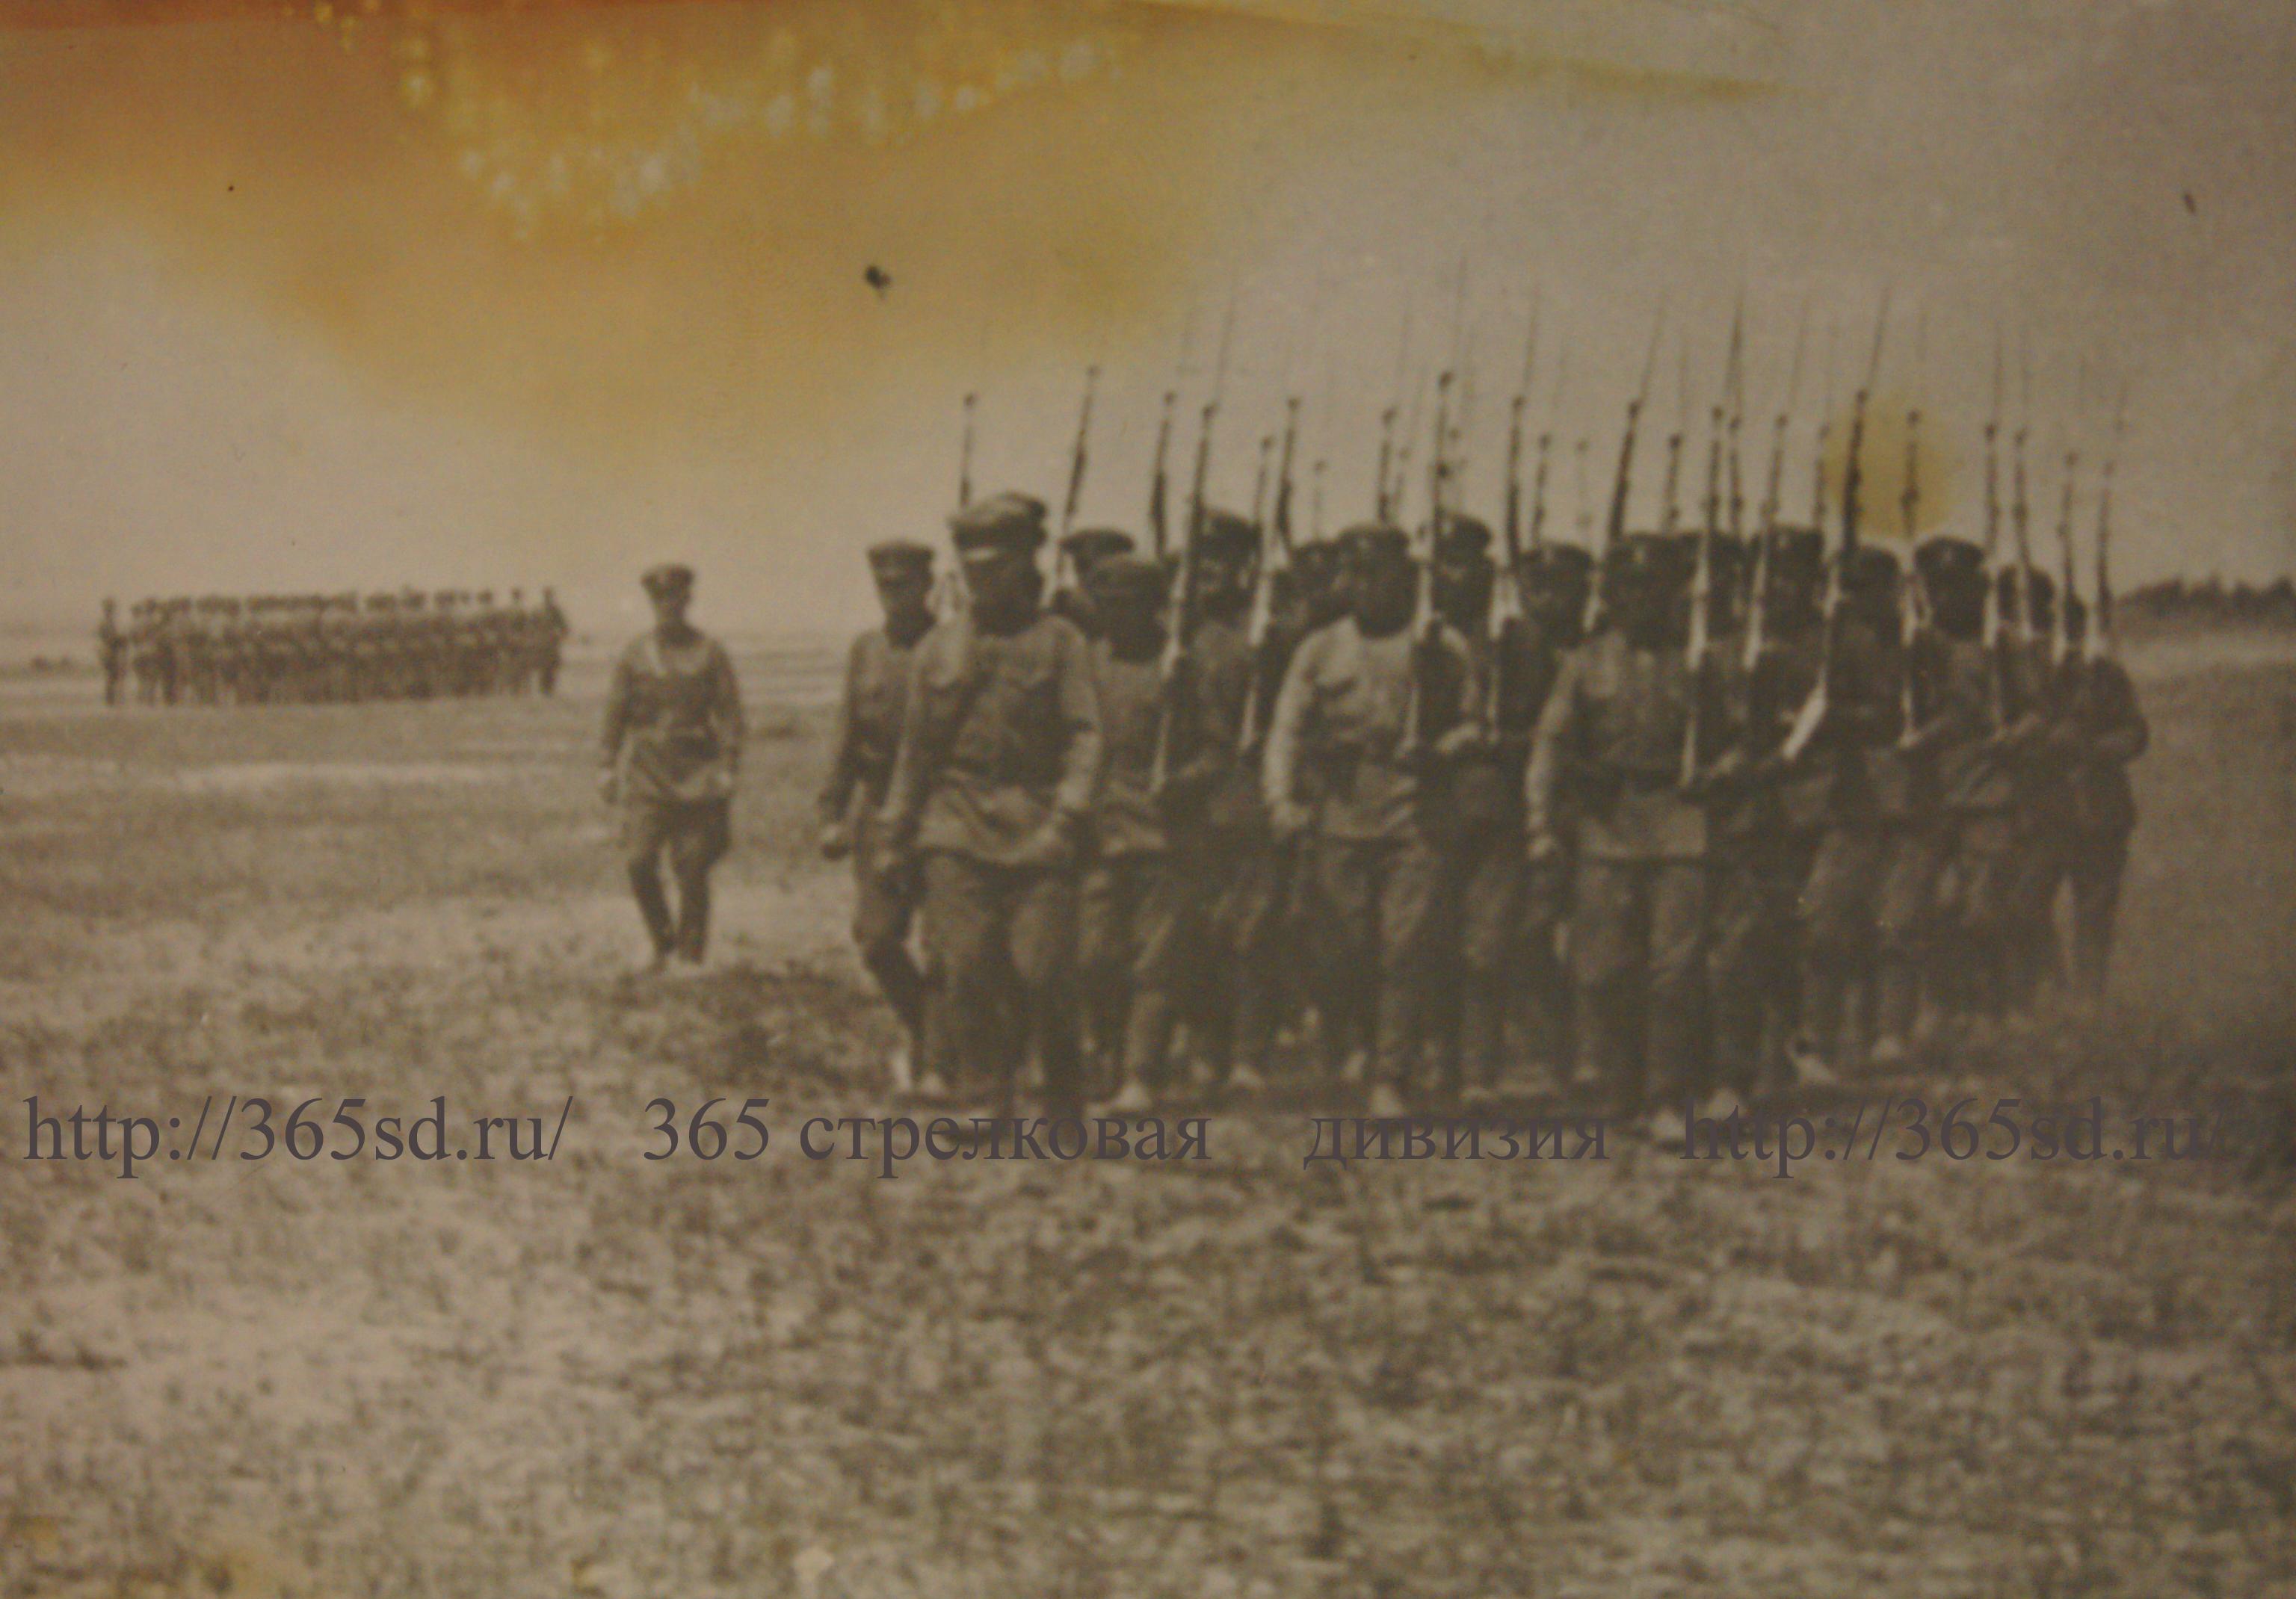 армейские подразделения